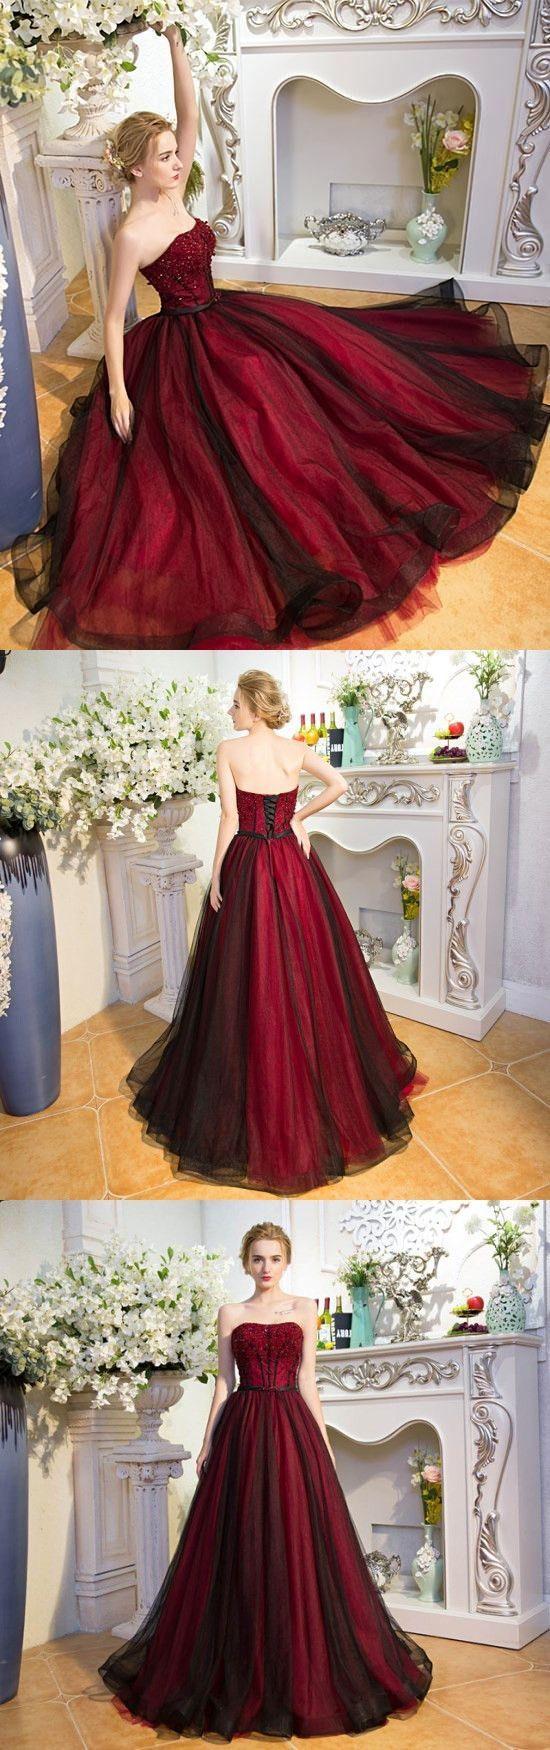 best robes événementielles images on pinterest dream dress